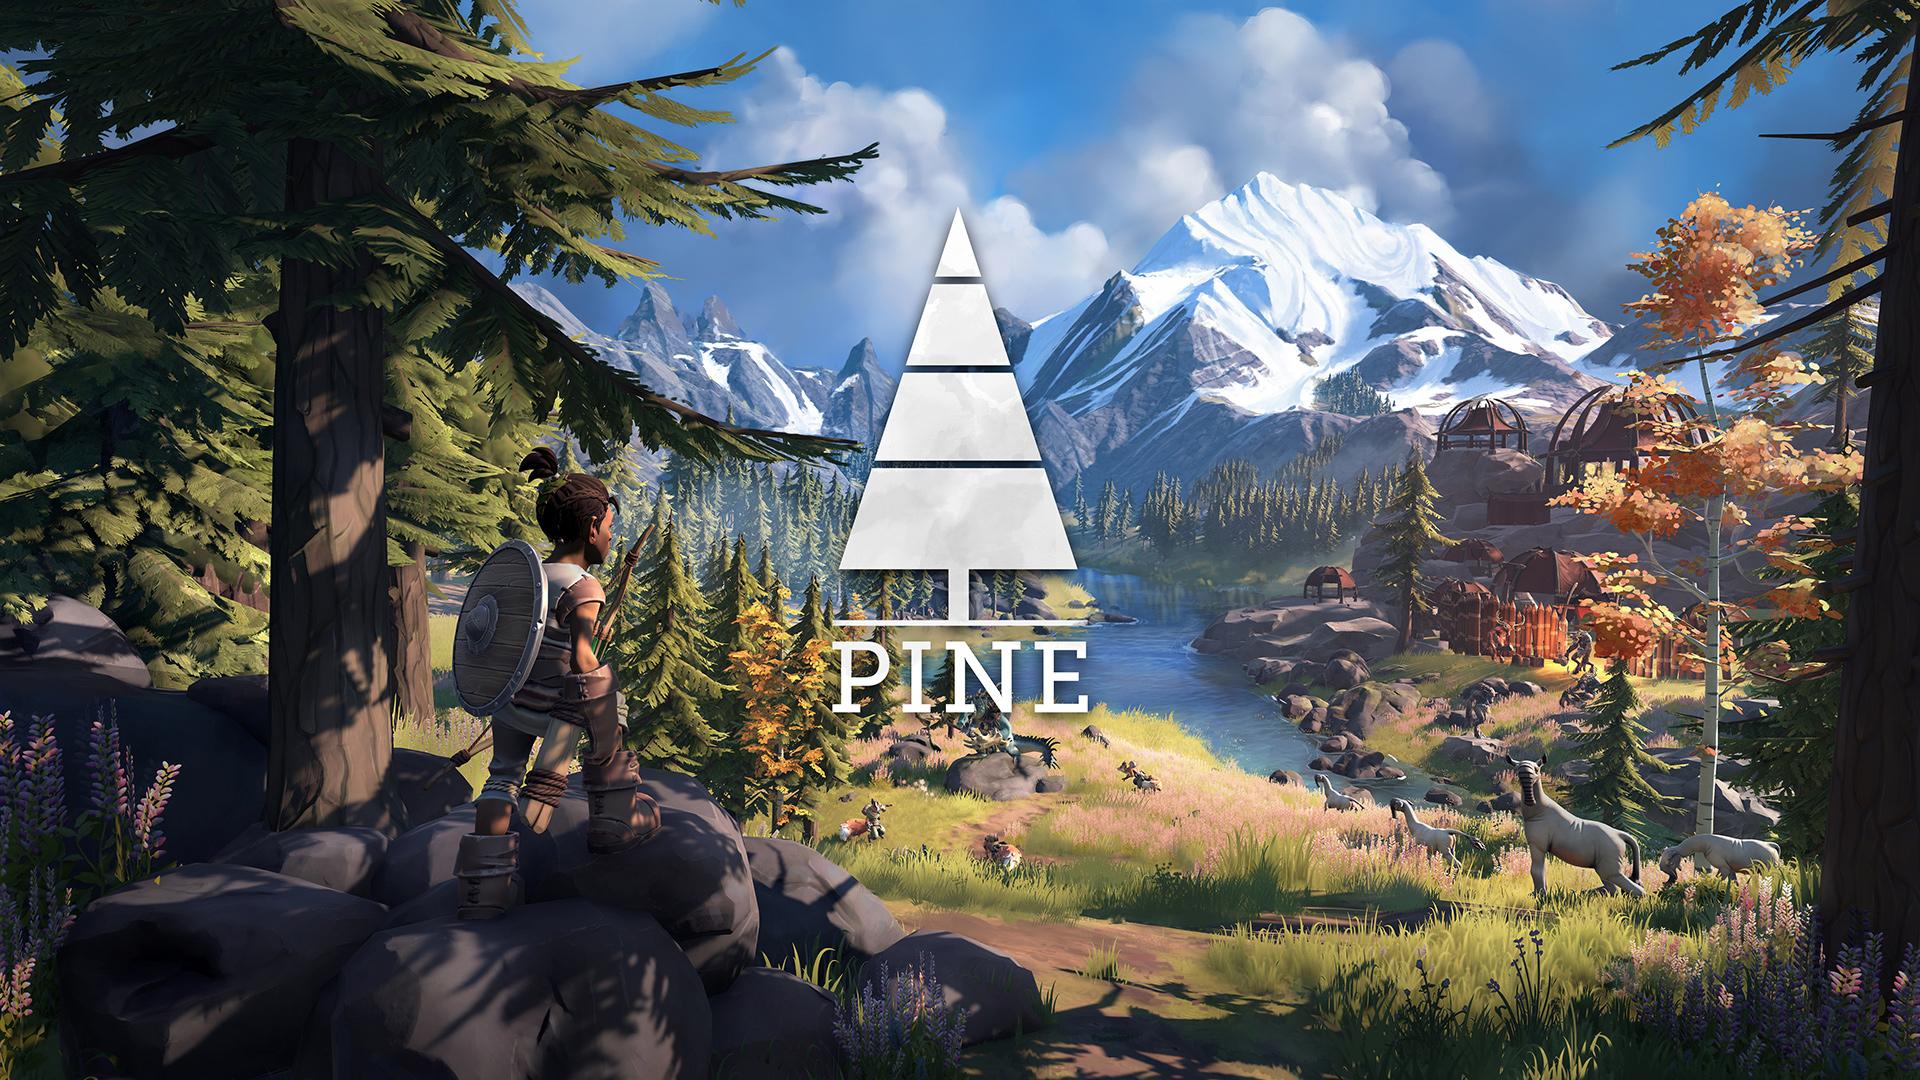 『Pine』が日本語にローカライズされ、スイッチで発売決定。人間が食物連鎖の最下層の世界で、安住の地を探すアクションアドベンチャー